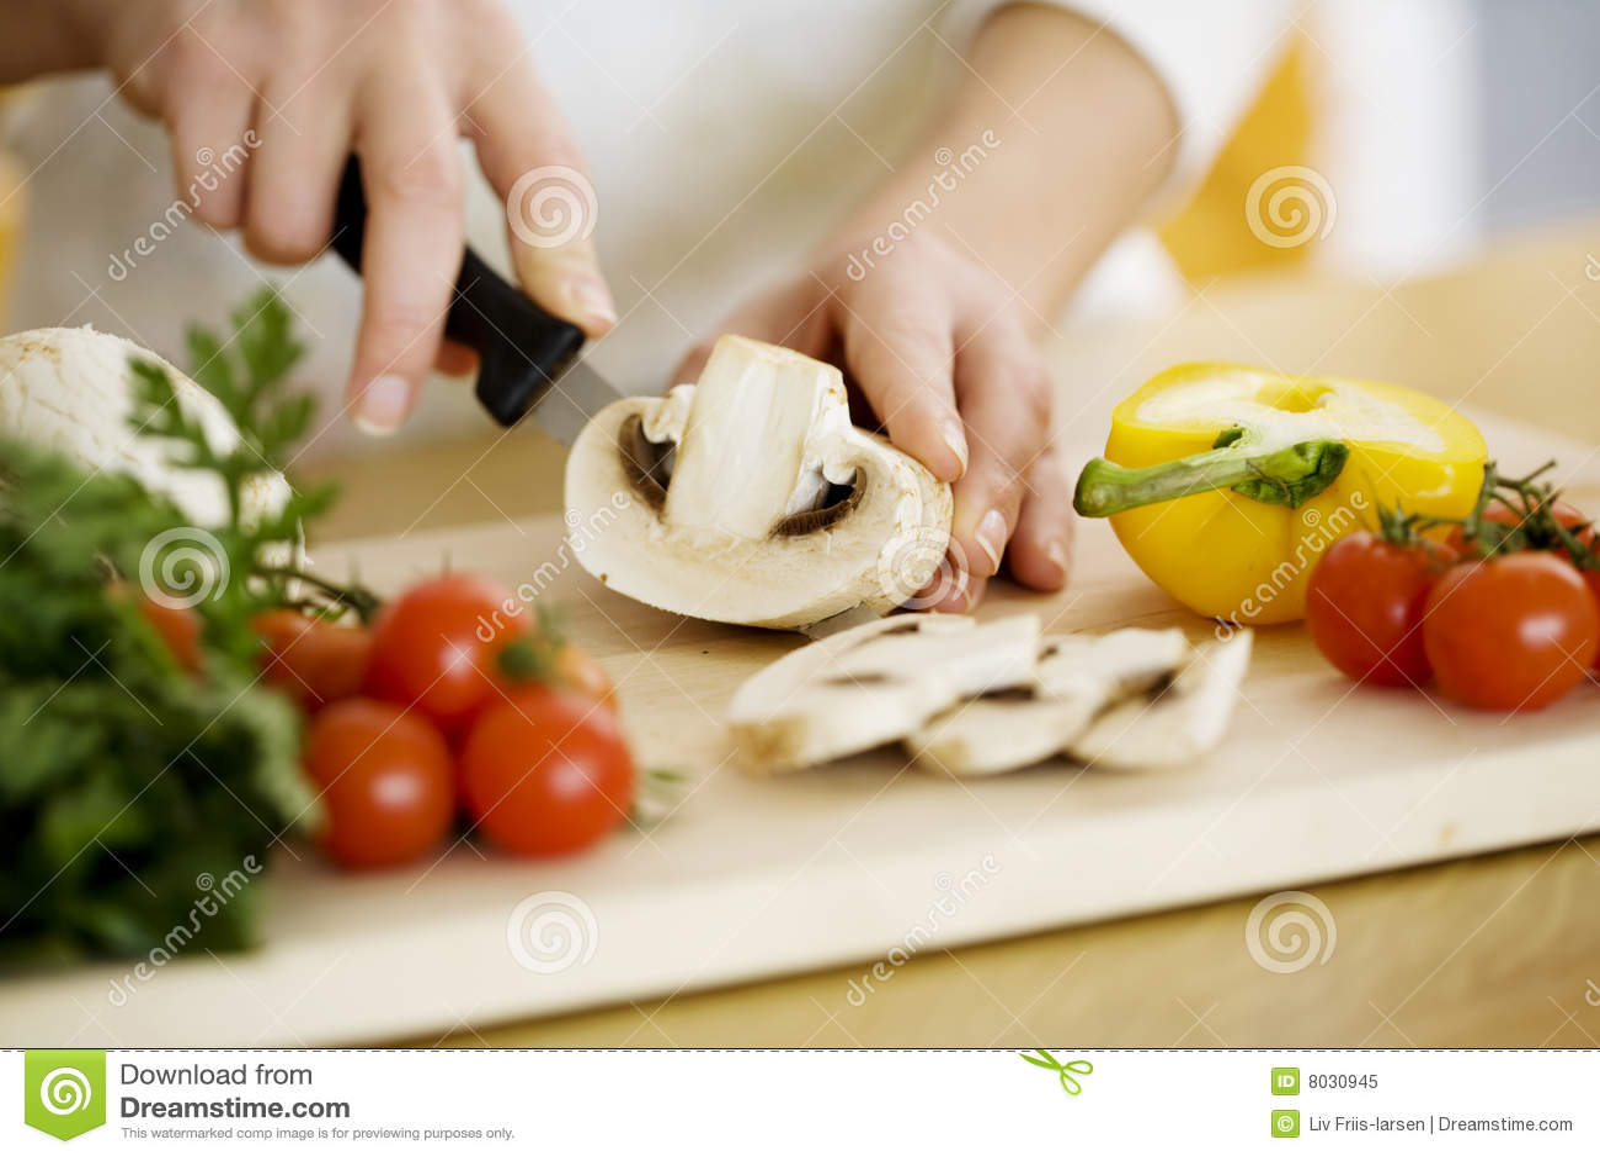 Preparación del alimento